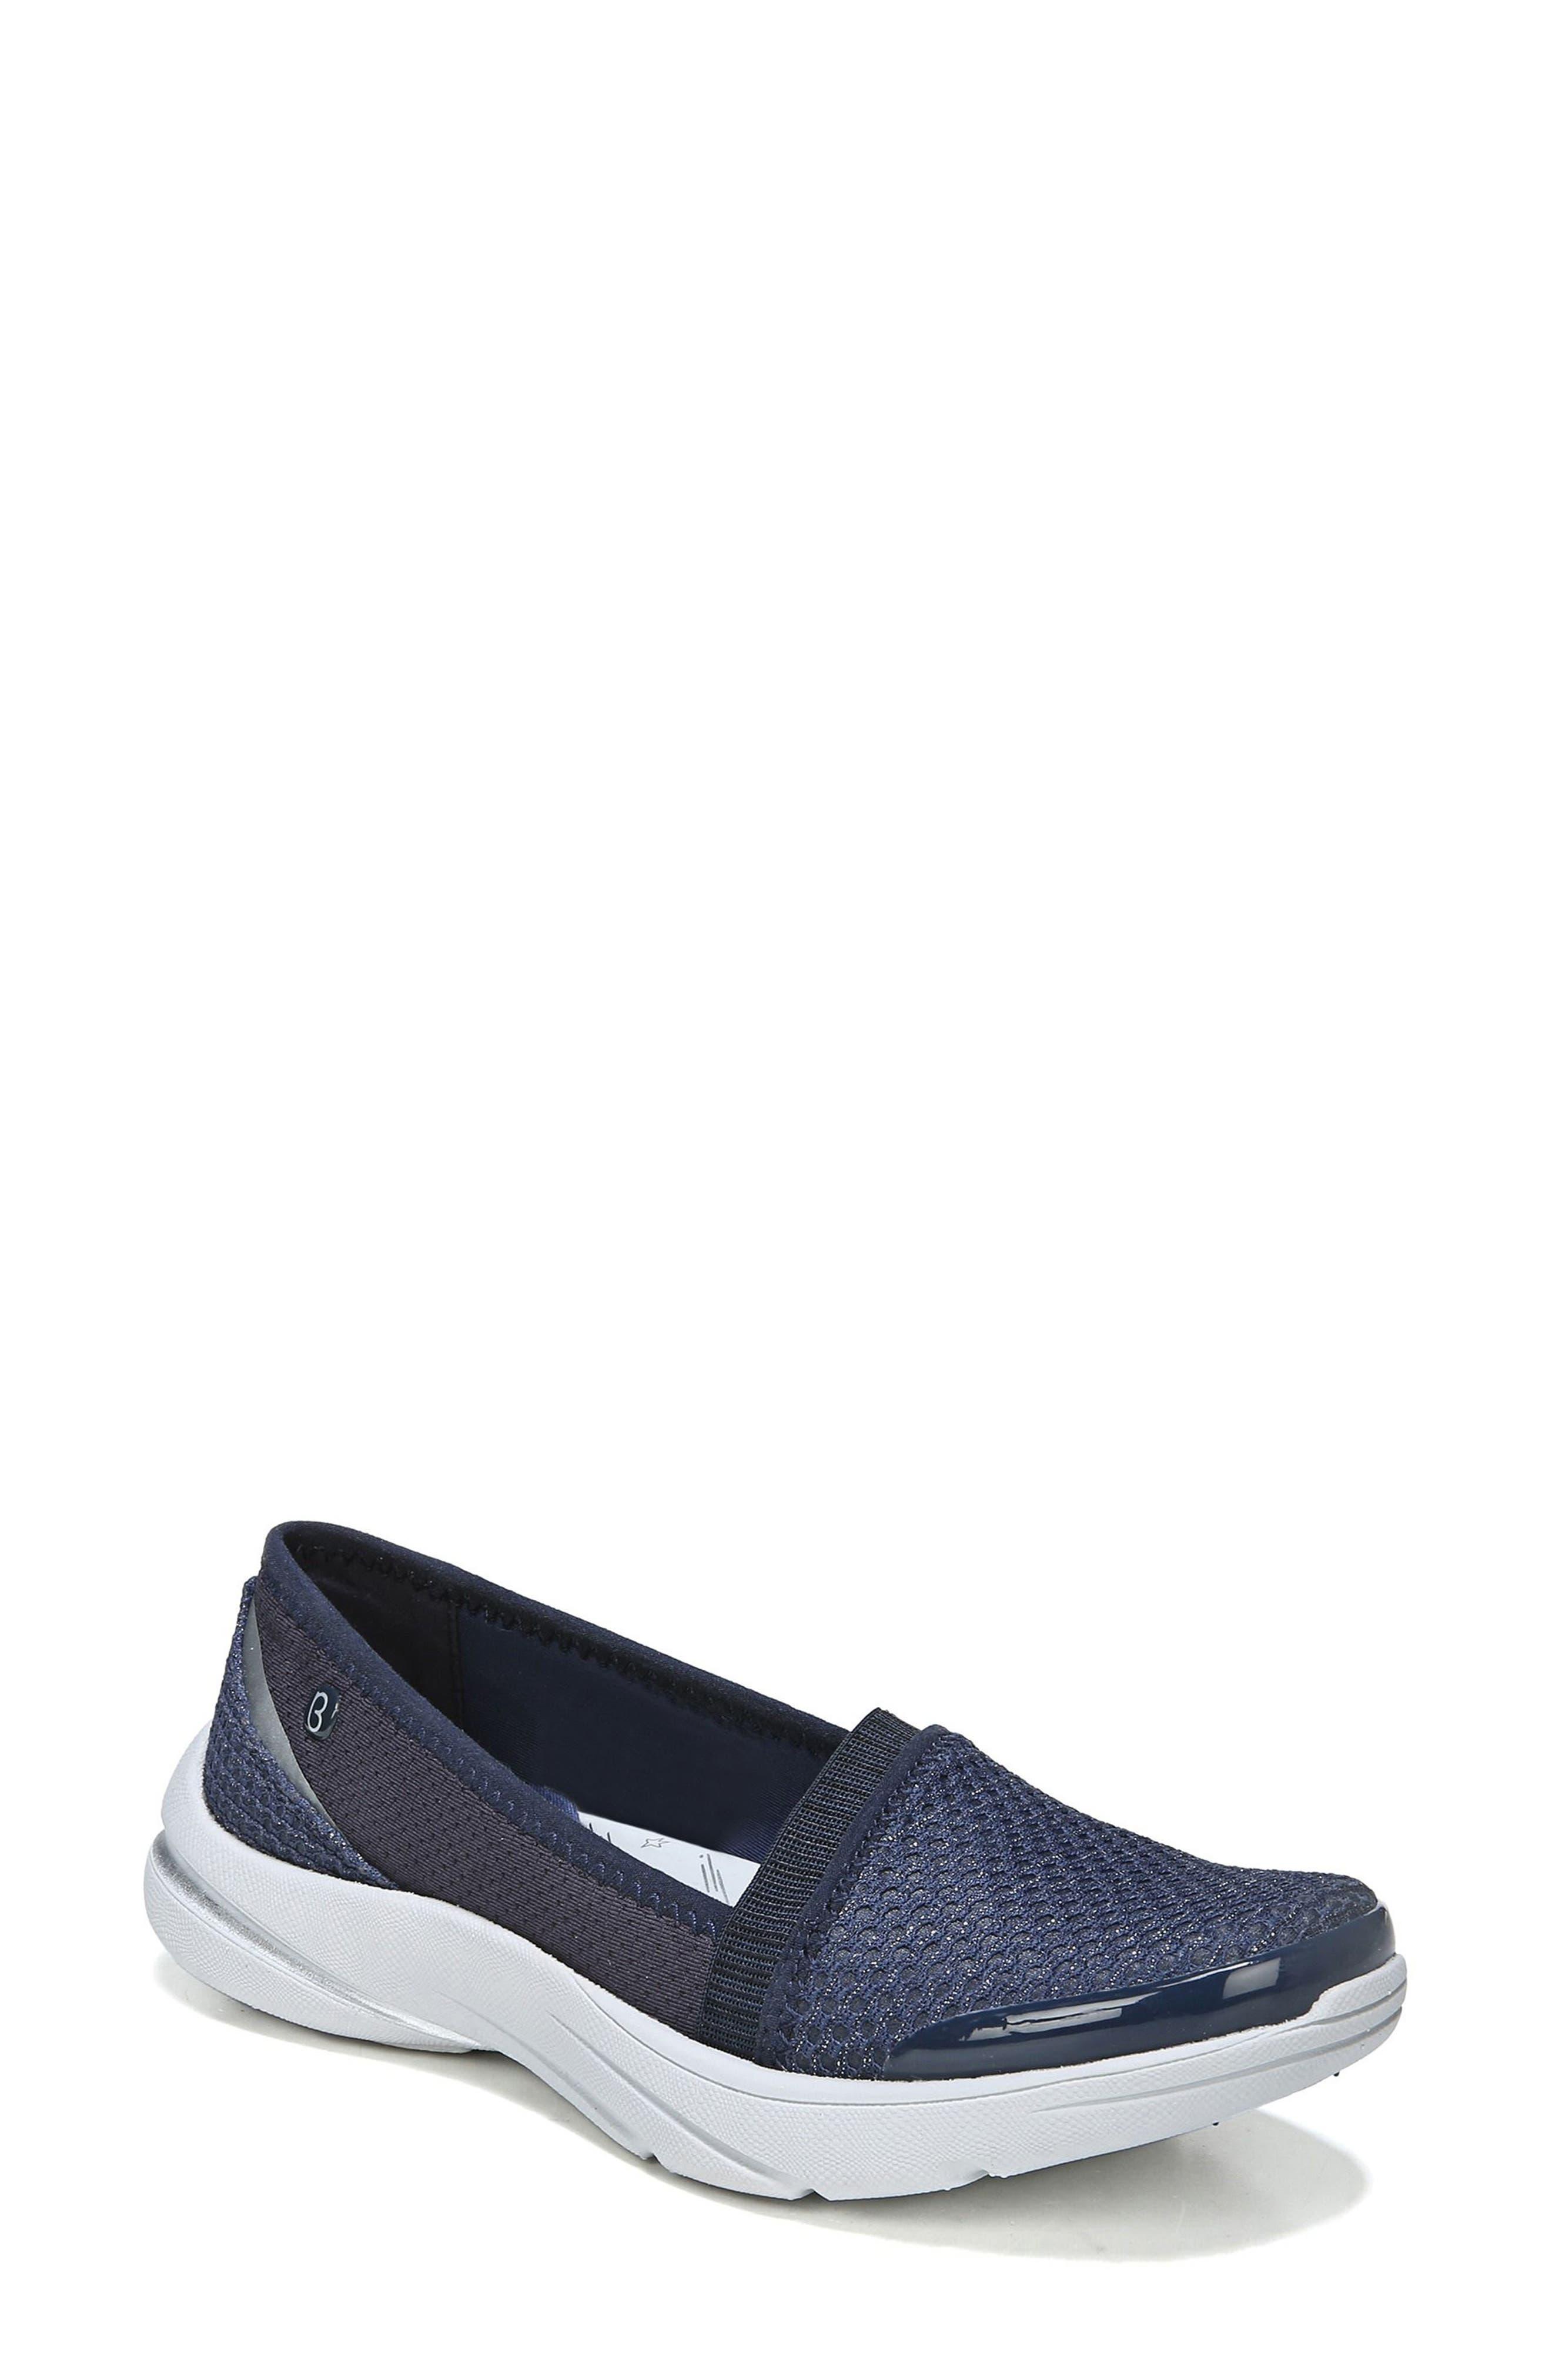 Main Image - BZees Lollipop Slip-On Sneaker (Women)